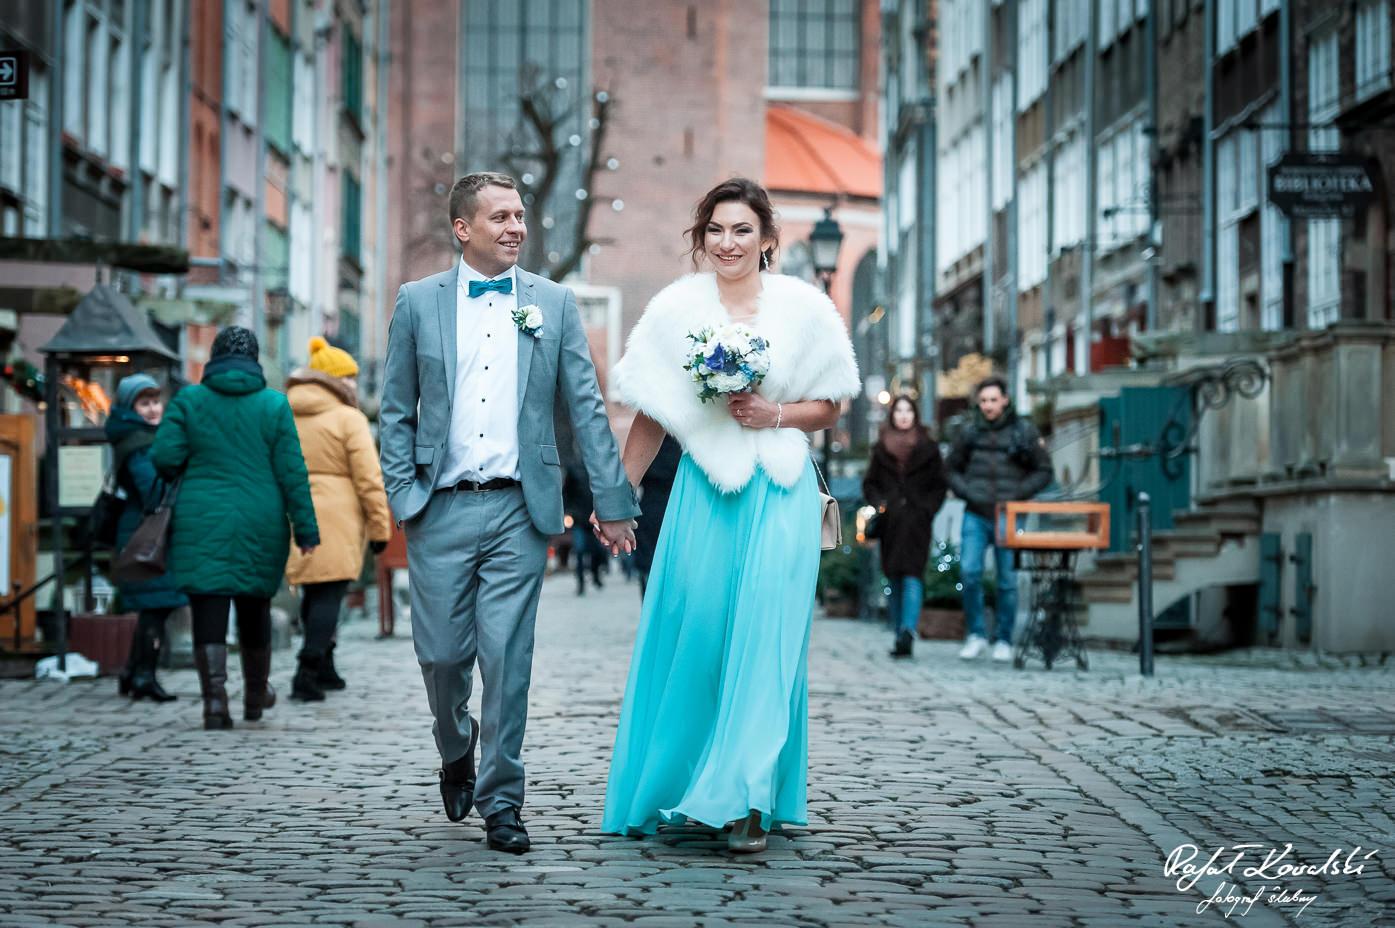 Sesja ślubna Gdańsk Stare Miasto - Fotograf Ślubny Rafał Kowalski